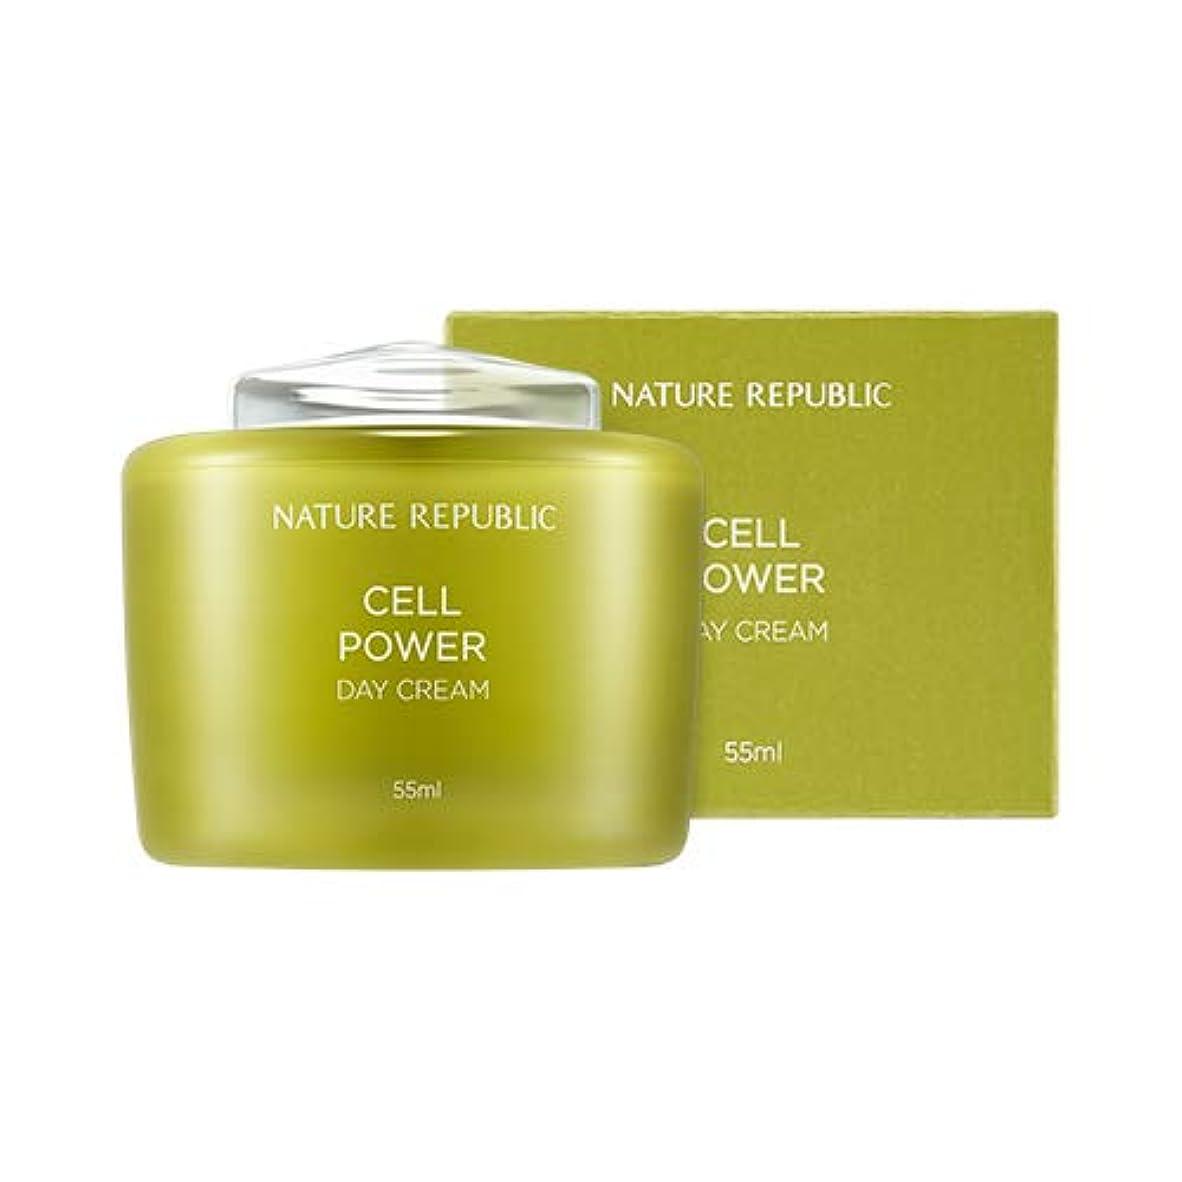 大美容師課すNATURE REPUBLIC Cell Power Day Cream/ネイチャーリパブリック セルパワー デイクリーム 55ml [並行輸入品]